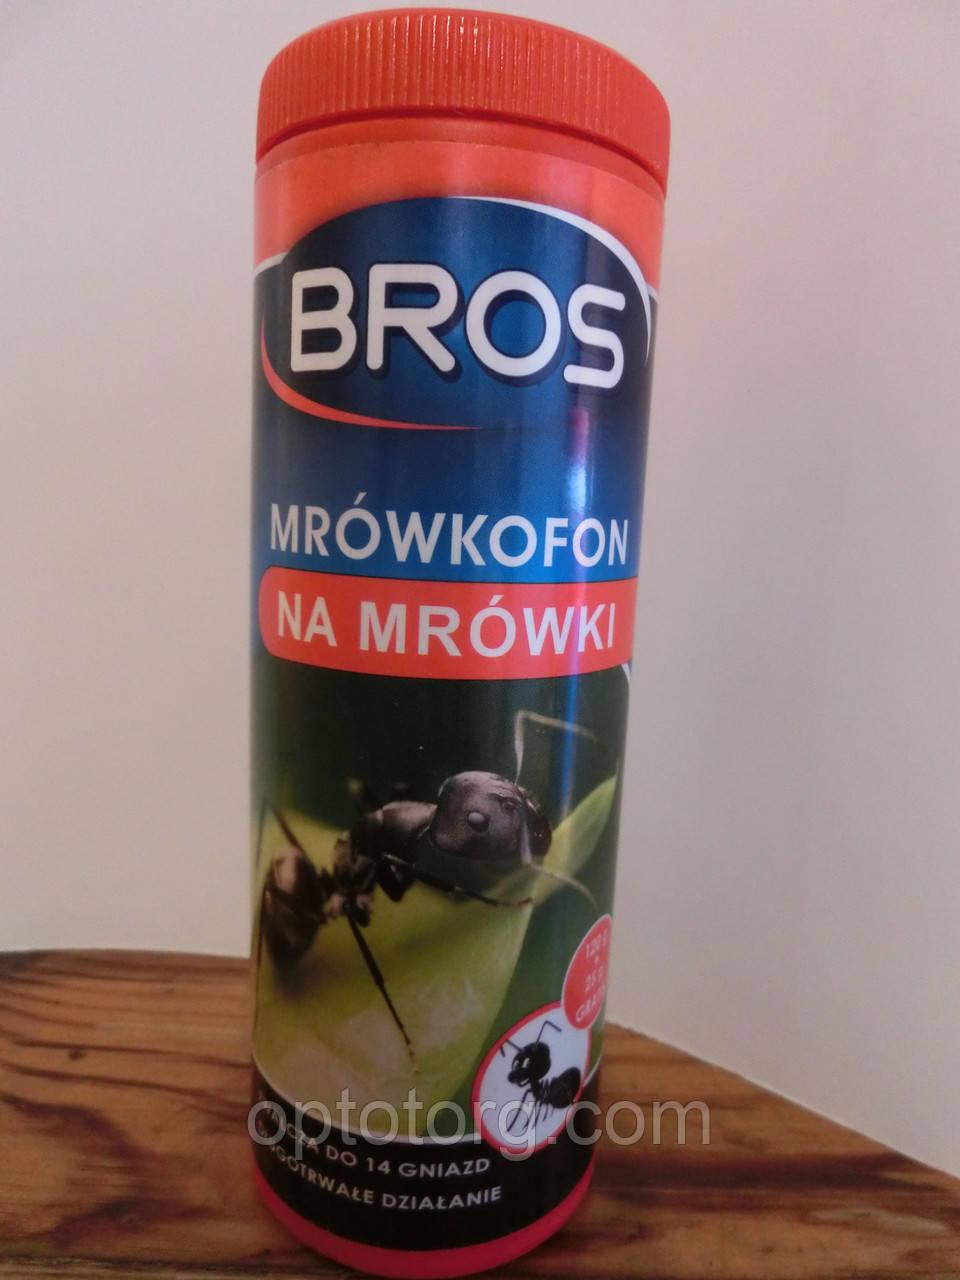 Брос от муравьев профессиональное средство Брос 145 гр оригинал